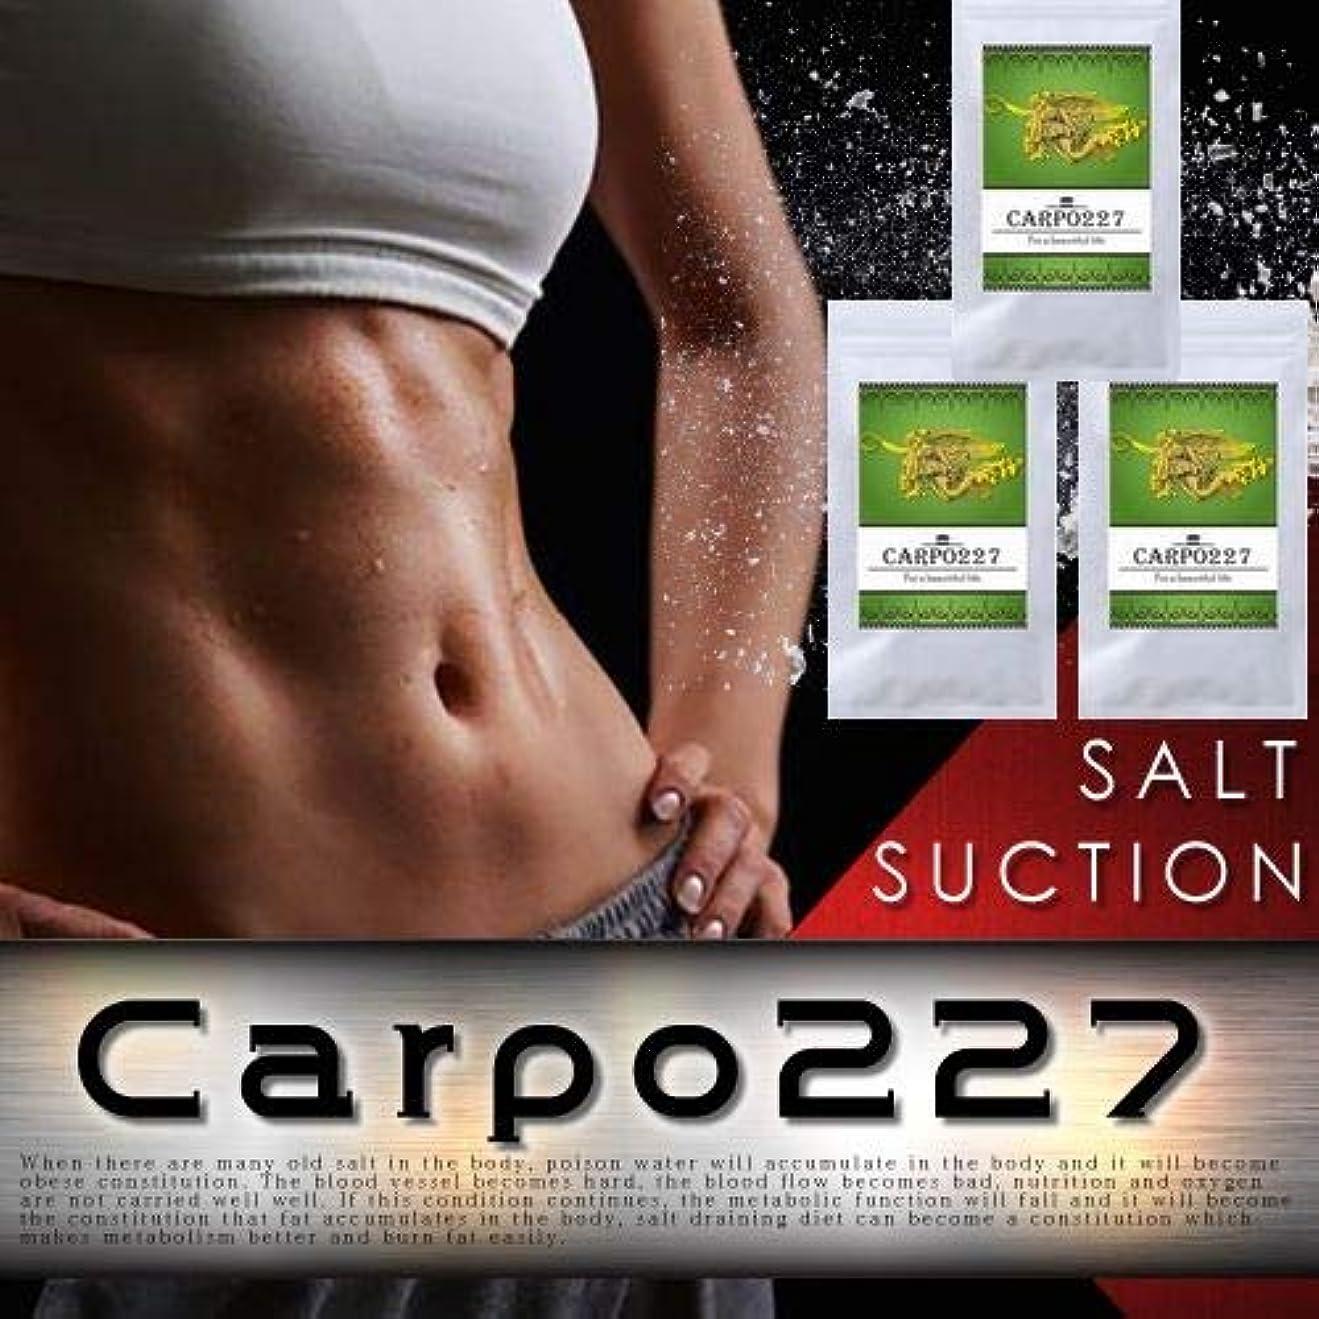 後世努力する財政【3個セット】Carpo227(カルポ227)